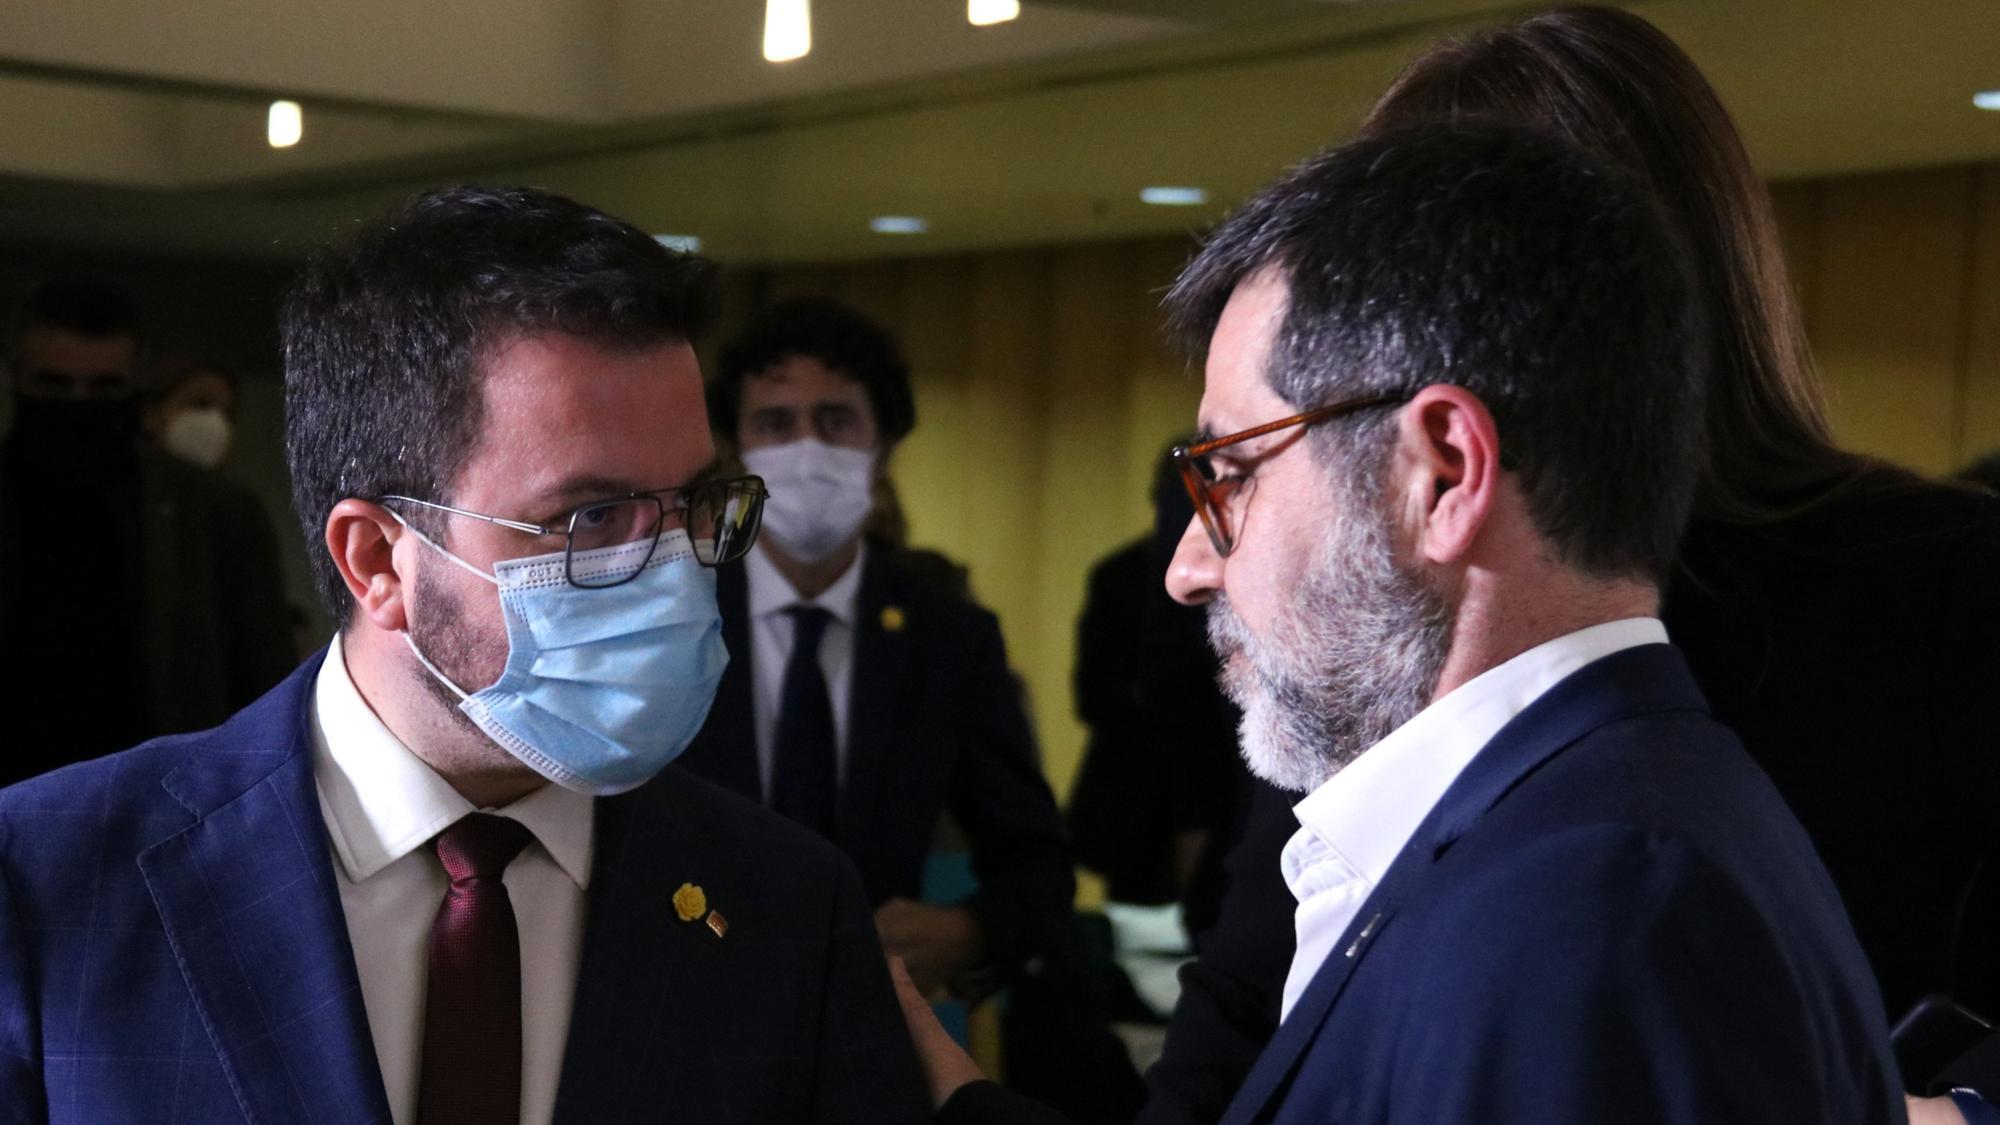 ¿Con quién gobernará ERC? ¿Habrá nuevas elecciones en Catalunya? Estas son las predicciones de los expertos